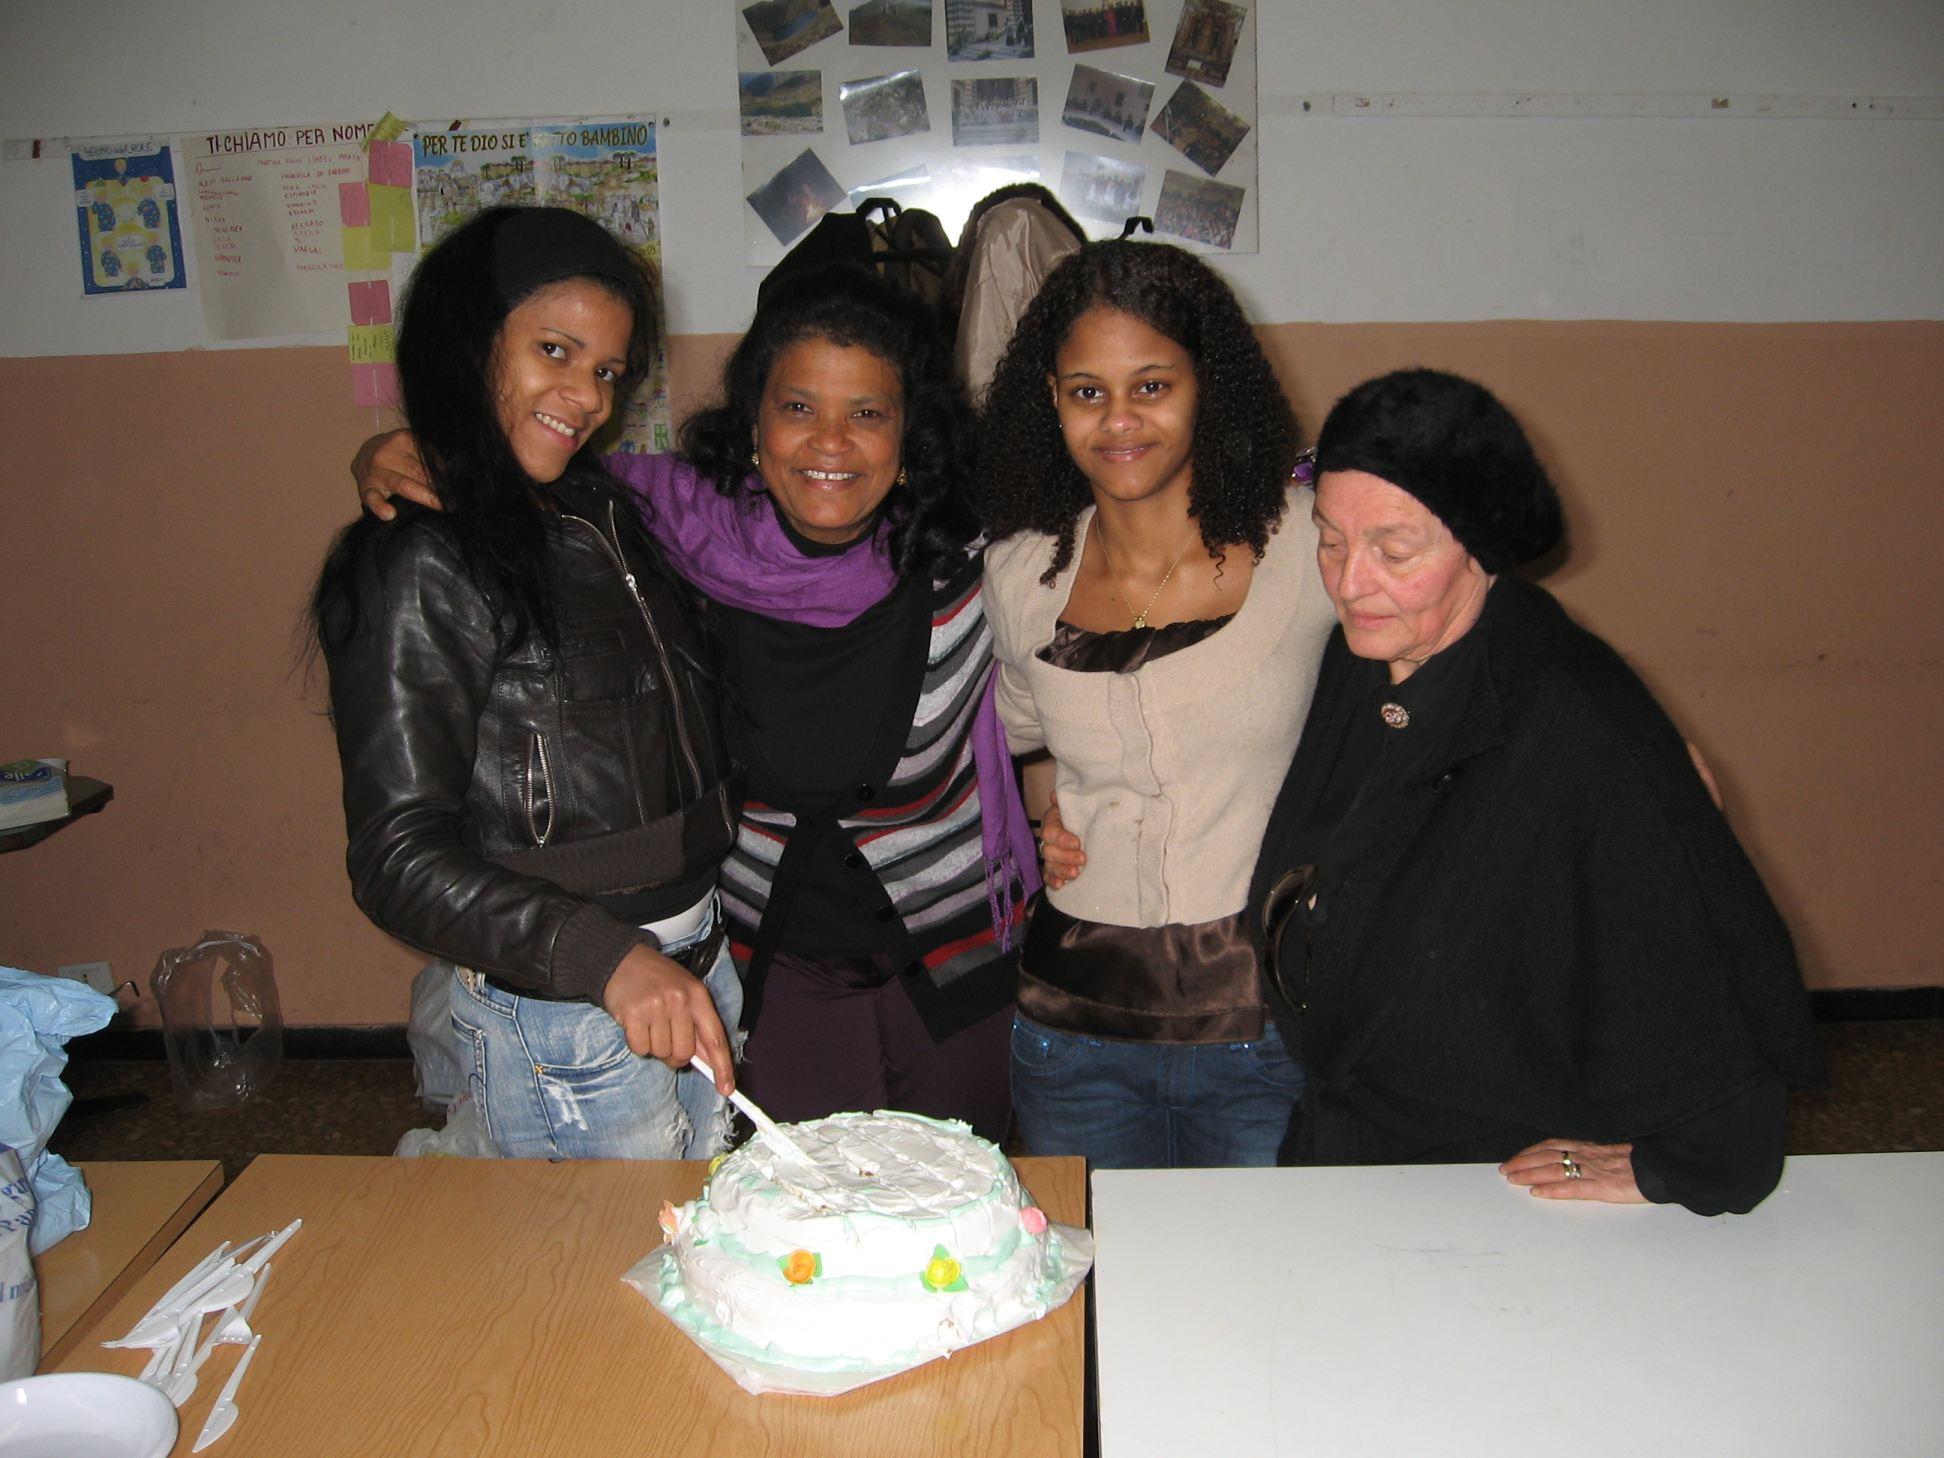 Dominicani-2009-12-20--20.02.06